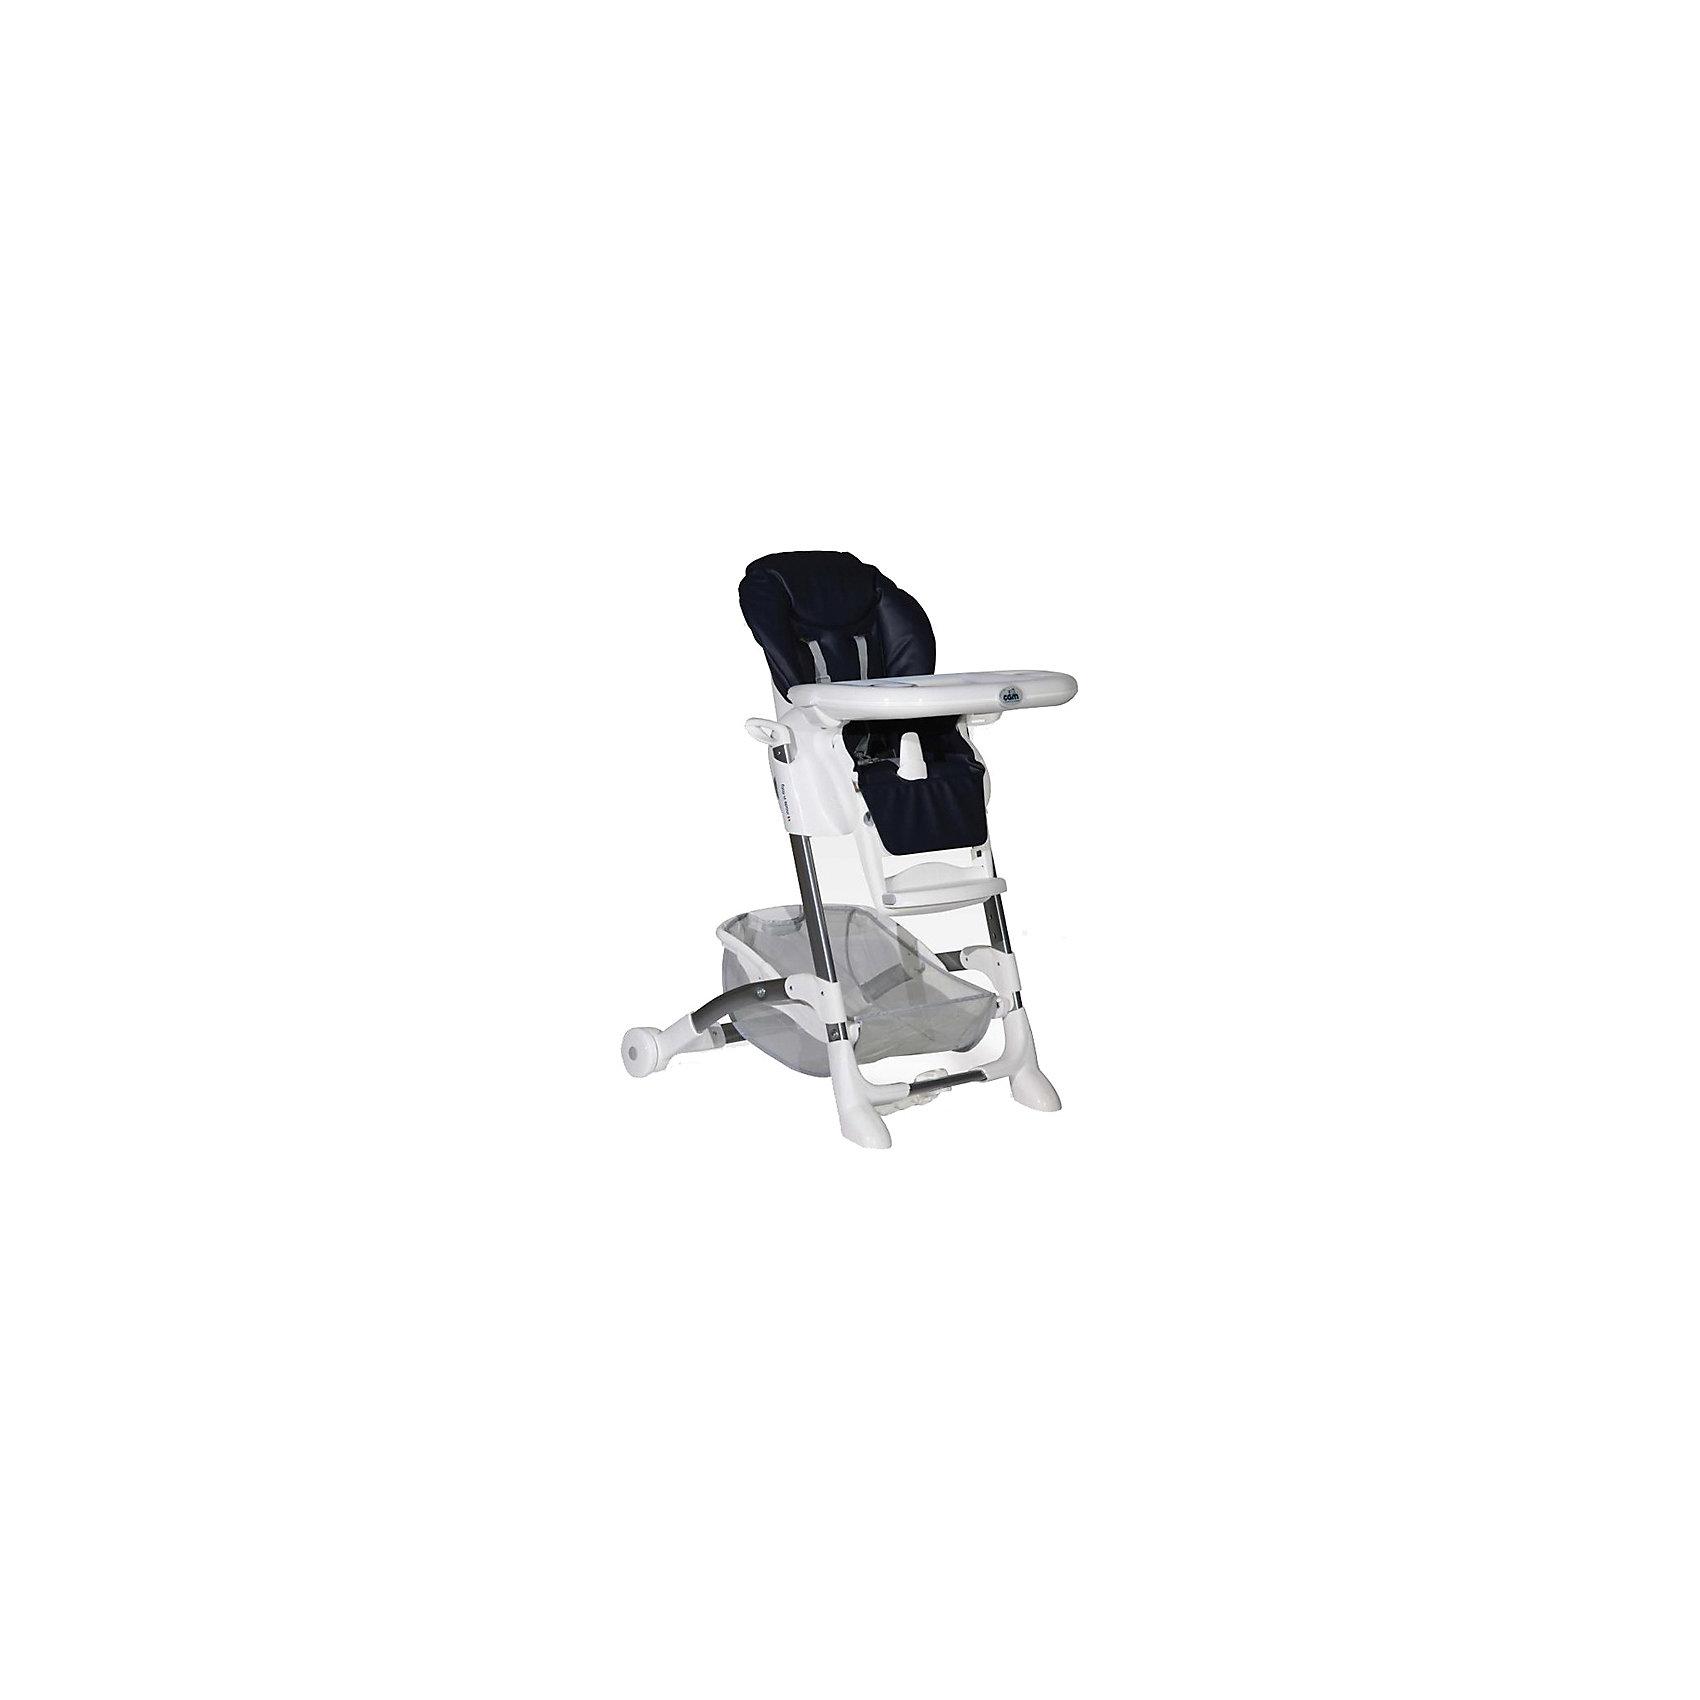 Стульчик для кормления Istante Basic, CAM, синийОчень удобный и комфортный стульчик для кормления обязательно понравится малышам! Мягкое сиденье с регулируемой в пяти положениях спинкой, страховочными ремнями и удобным разделителем для ног обеспечит малышам комфорт и безопасность. Стульчик имеет колесики, облегчающие перемещение по квартире; удобную подставку для ножек ребенка; съемный стол можно мыть в посудомоечной машине. Обивка стула выполнена из мягкой эко-кожи, сам стул изготовлен из высококачественных прочных и экологичных материалов. Передняя часть рамы снабжена нескользящими ножками, которые обеспечивают дополнительную безопасность. Под сиденьем располагается большая корзина для игрушек и вещей. <br><br>Дополнительная информация:<br><br>- Материал: пластик, металл, <br>- Размер: 80x56x105 см.<br>- Колесики.<br>- Вместительная корзина внизу. <br>- Нескользящие ножки.<br>- Регулируемый наклон спинки (5 положений, до положения лежа).<br>- Компактно складывается.<br>- Съемный стол (можно мыть в посудомоечной машине).<br>- Регулировка по высоте в 5 положениях. <br>- Регулируемая подножка.<br>- 5-ти точечные ремни безопасности.<br>- Чехол из эко-кожи, протирается губкой. <br><br>Стульчик для кормления Istante Basic, CAM, синий, можно купить в нашем магазине.<br><br>Ширина мм: 587<br>Глубина мм: 272<br>Высота мм: 970<br>Вес г: 12500<br>Возраст от месяцев: 0<br>Возраст до месяцев: 36<br>Пол: Унисекс<br>Возраст: Детский<br>SKU: 4443753